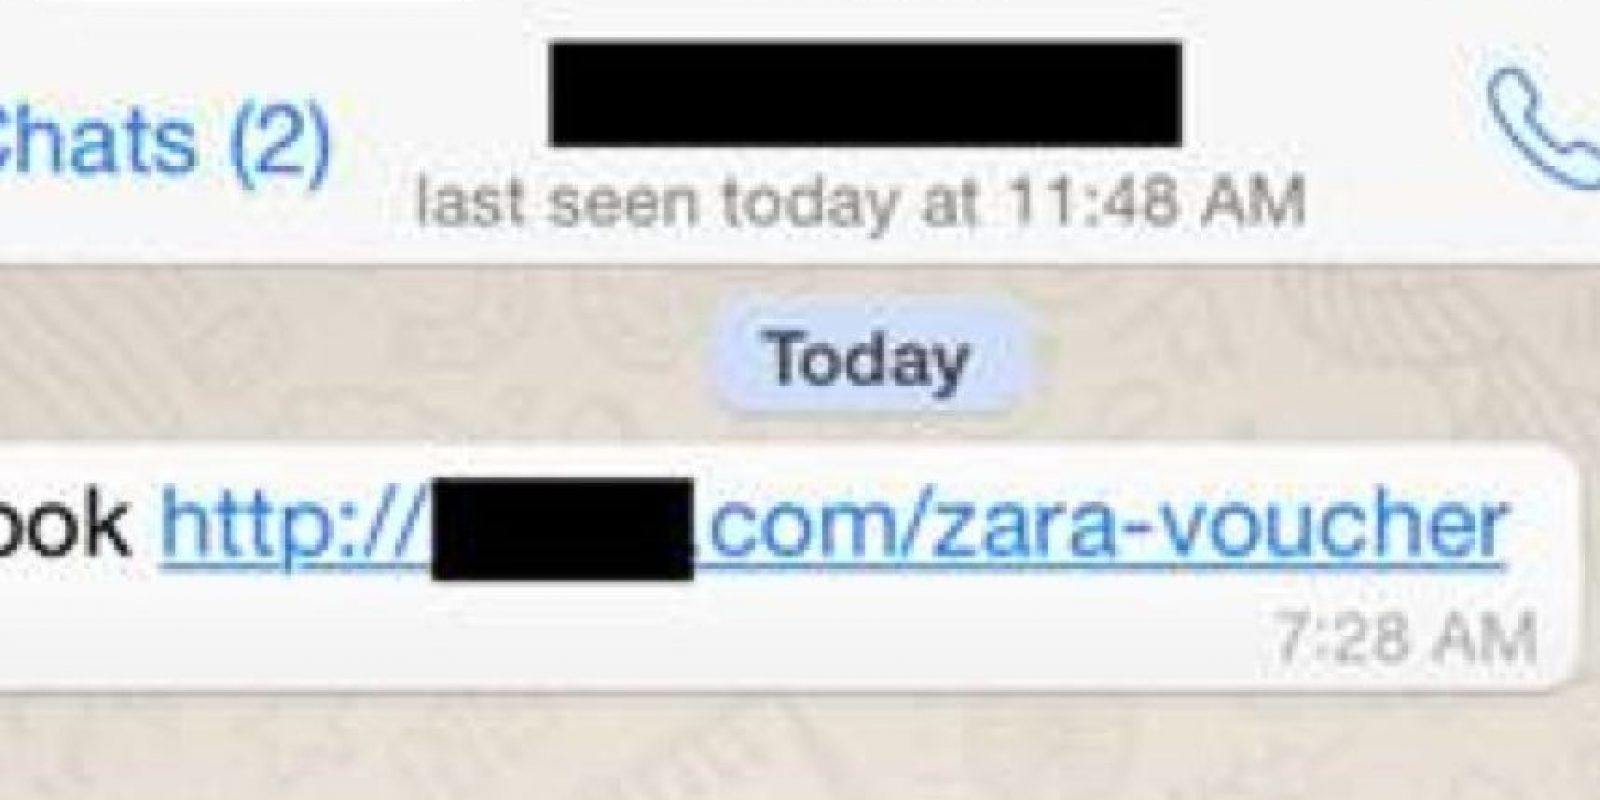 El enlace fraudulento prometiendo descuentos de Zara. Foto:Kaspersky Lab